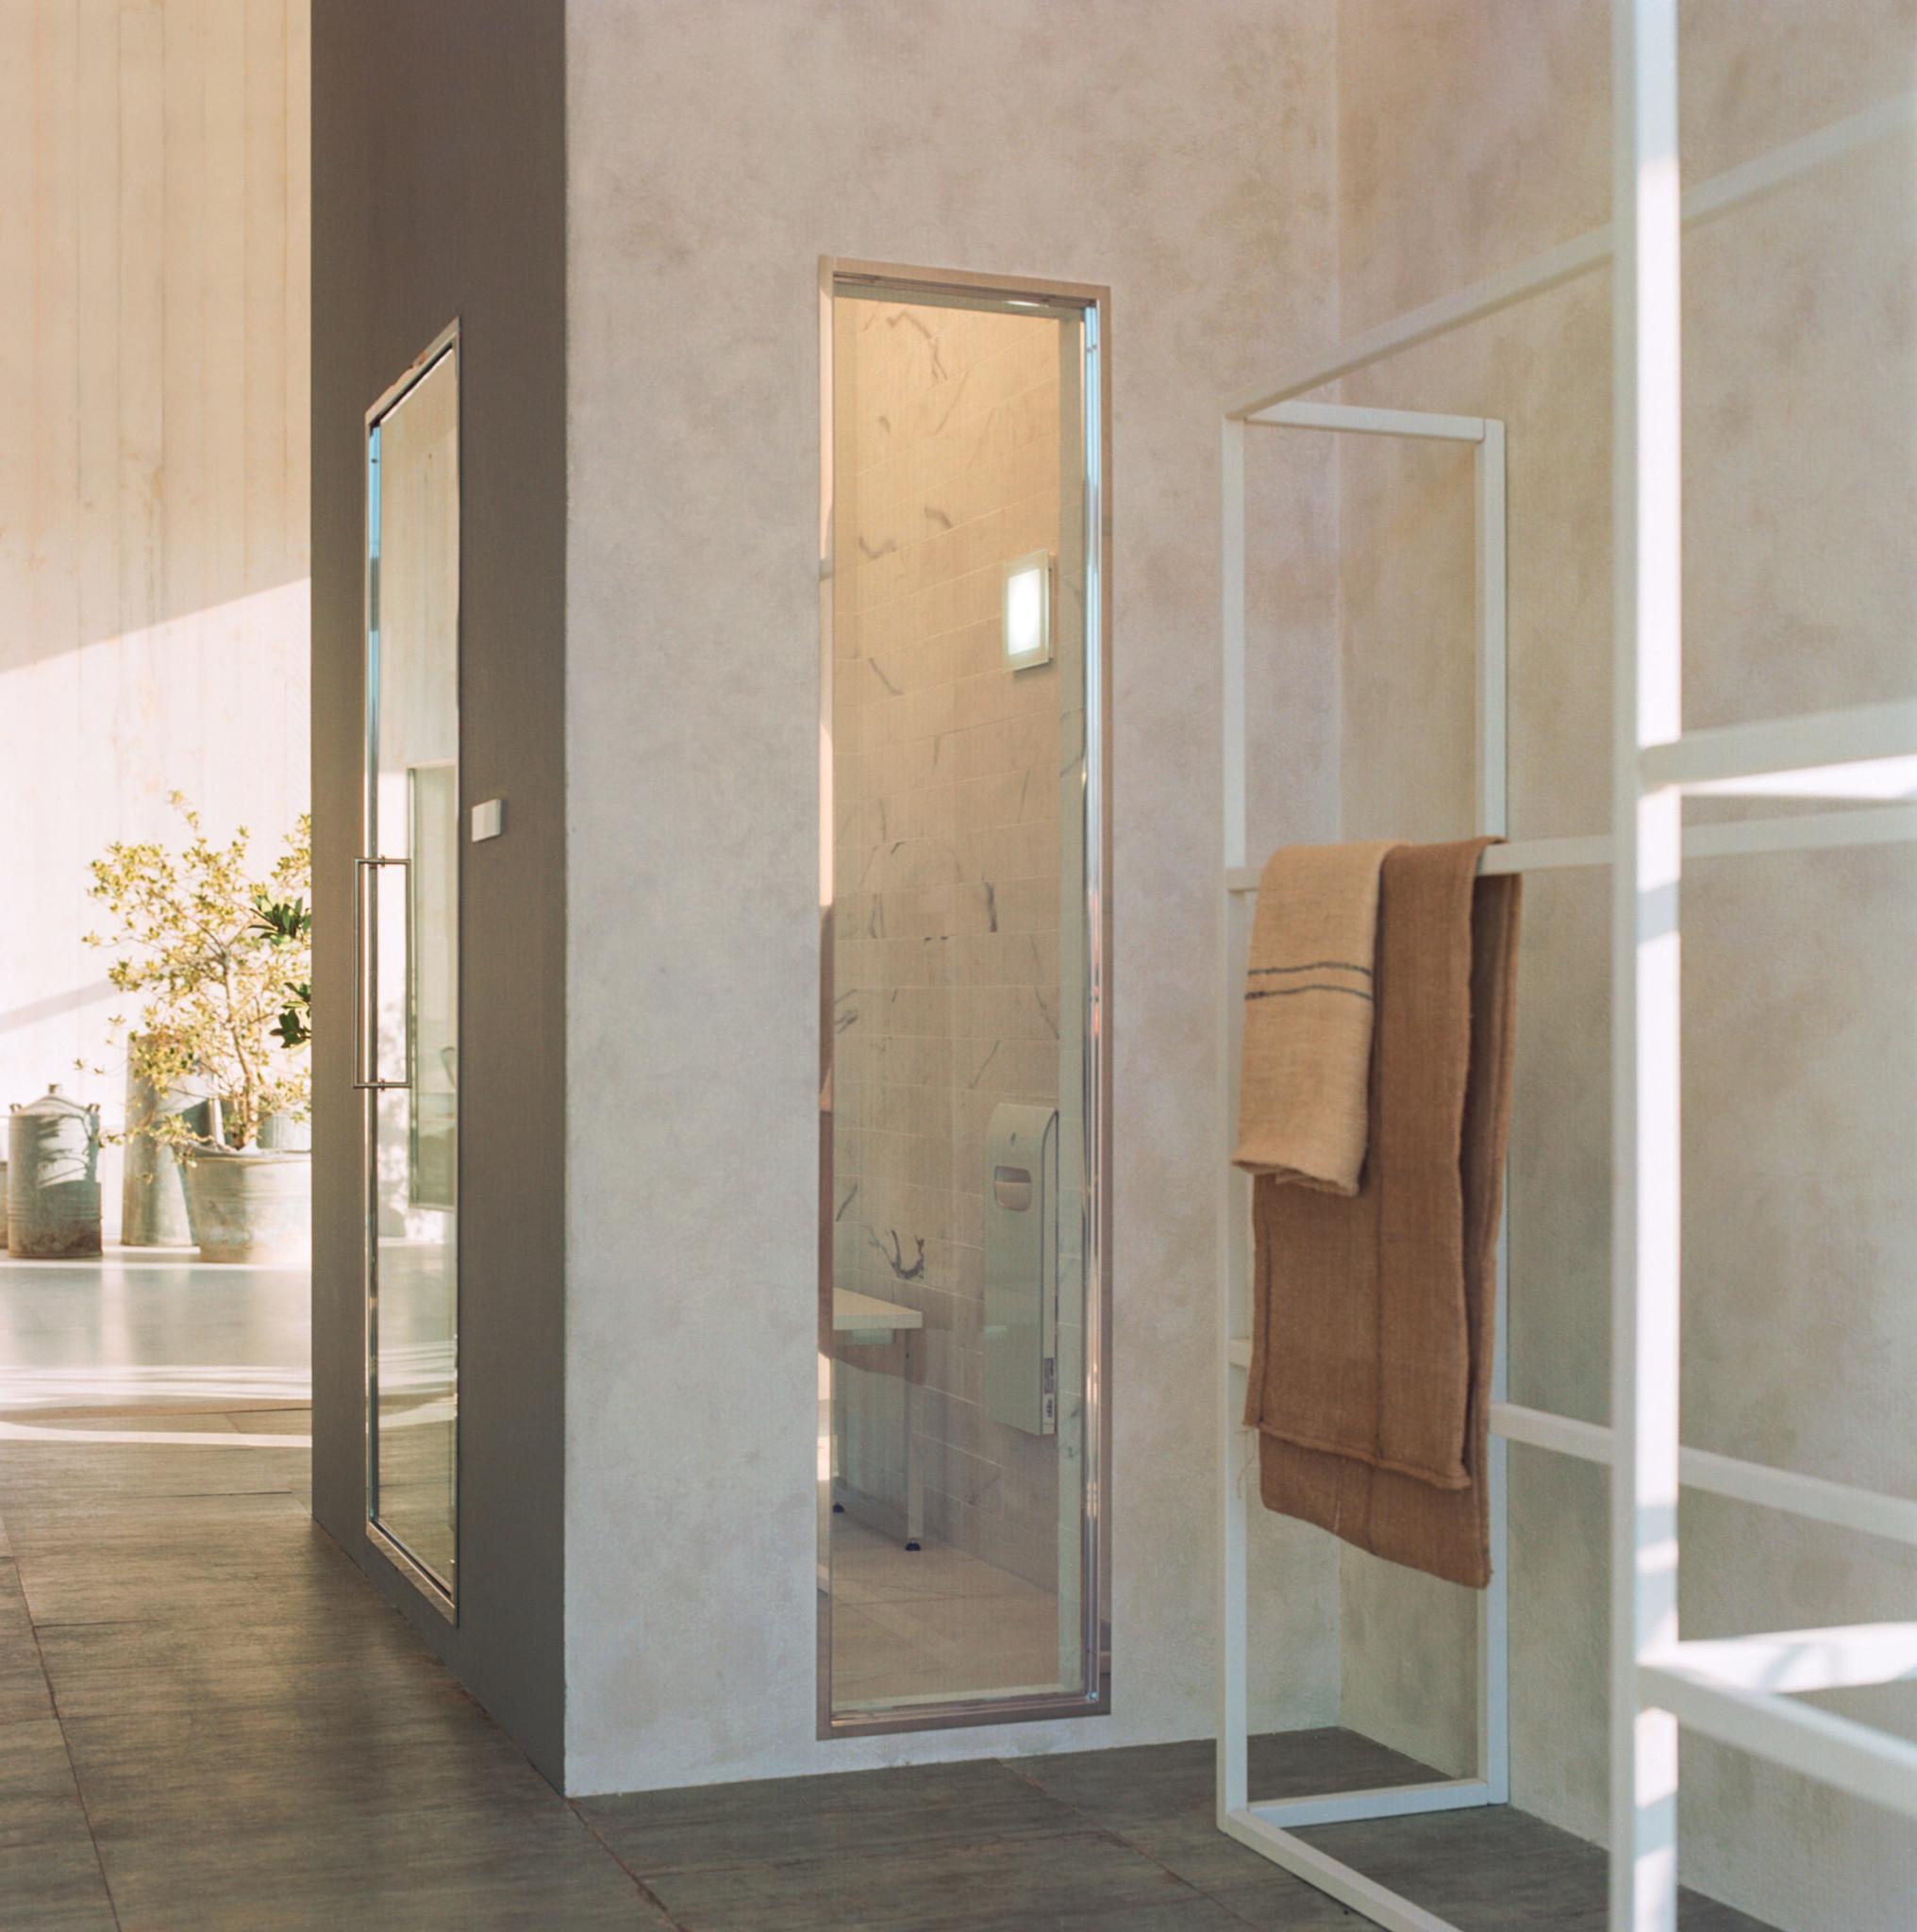 Puertas Para Baño Turco:Puertas y paredes de vidrio para baños turcos – Effegibi